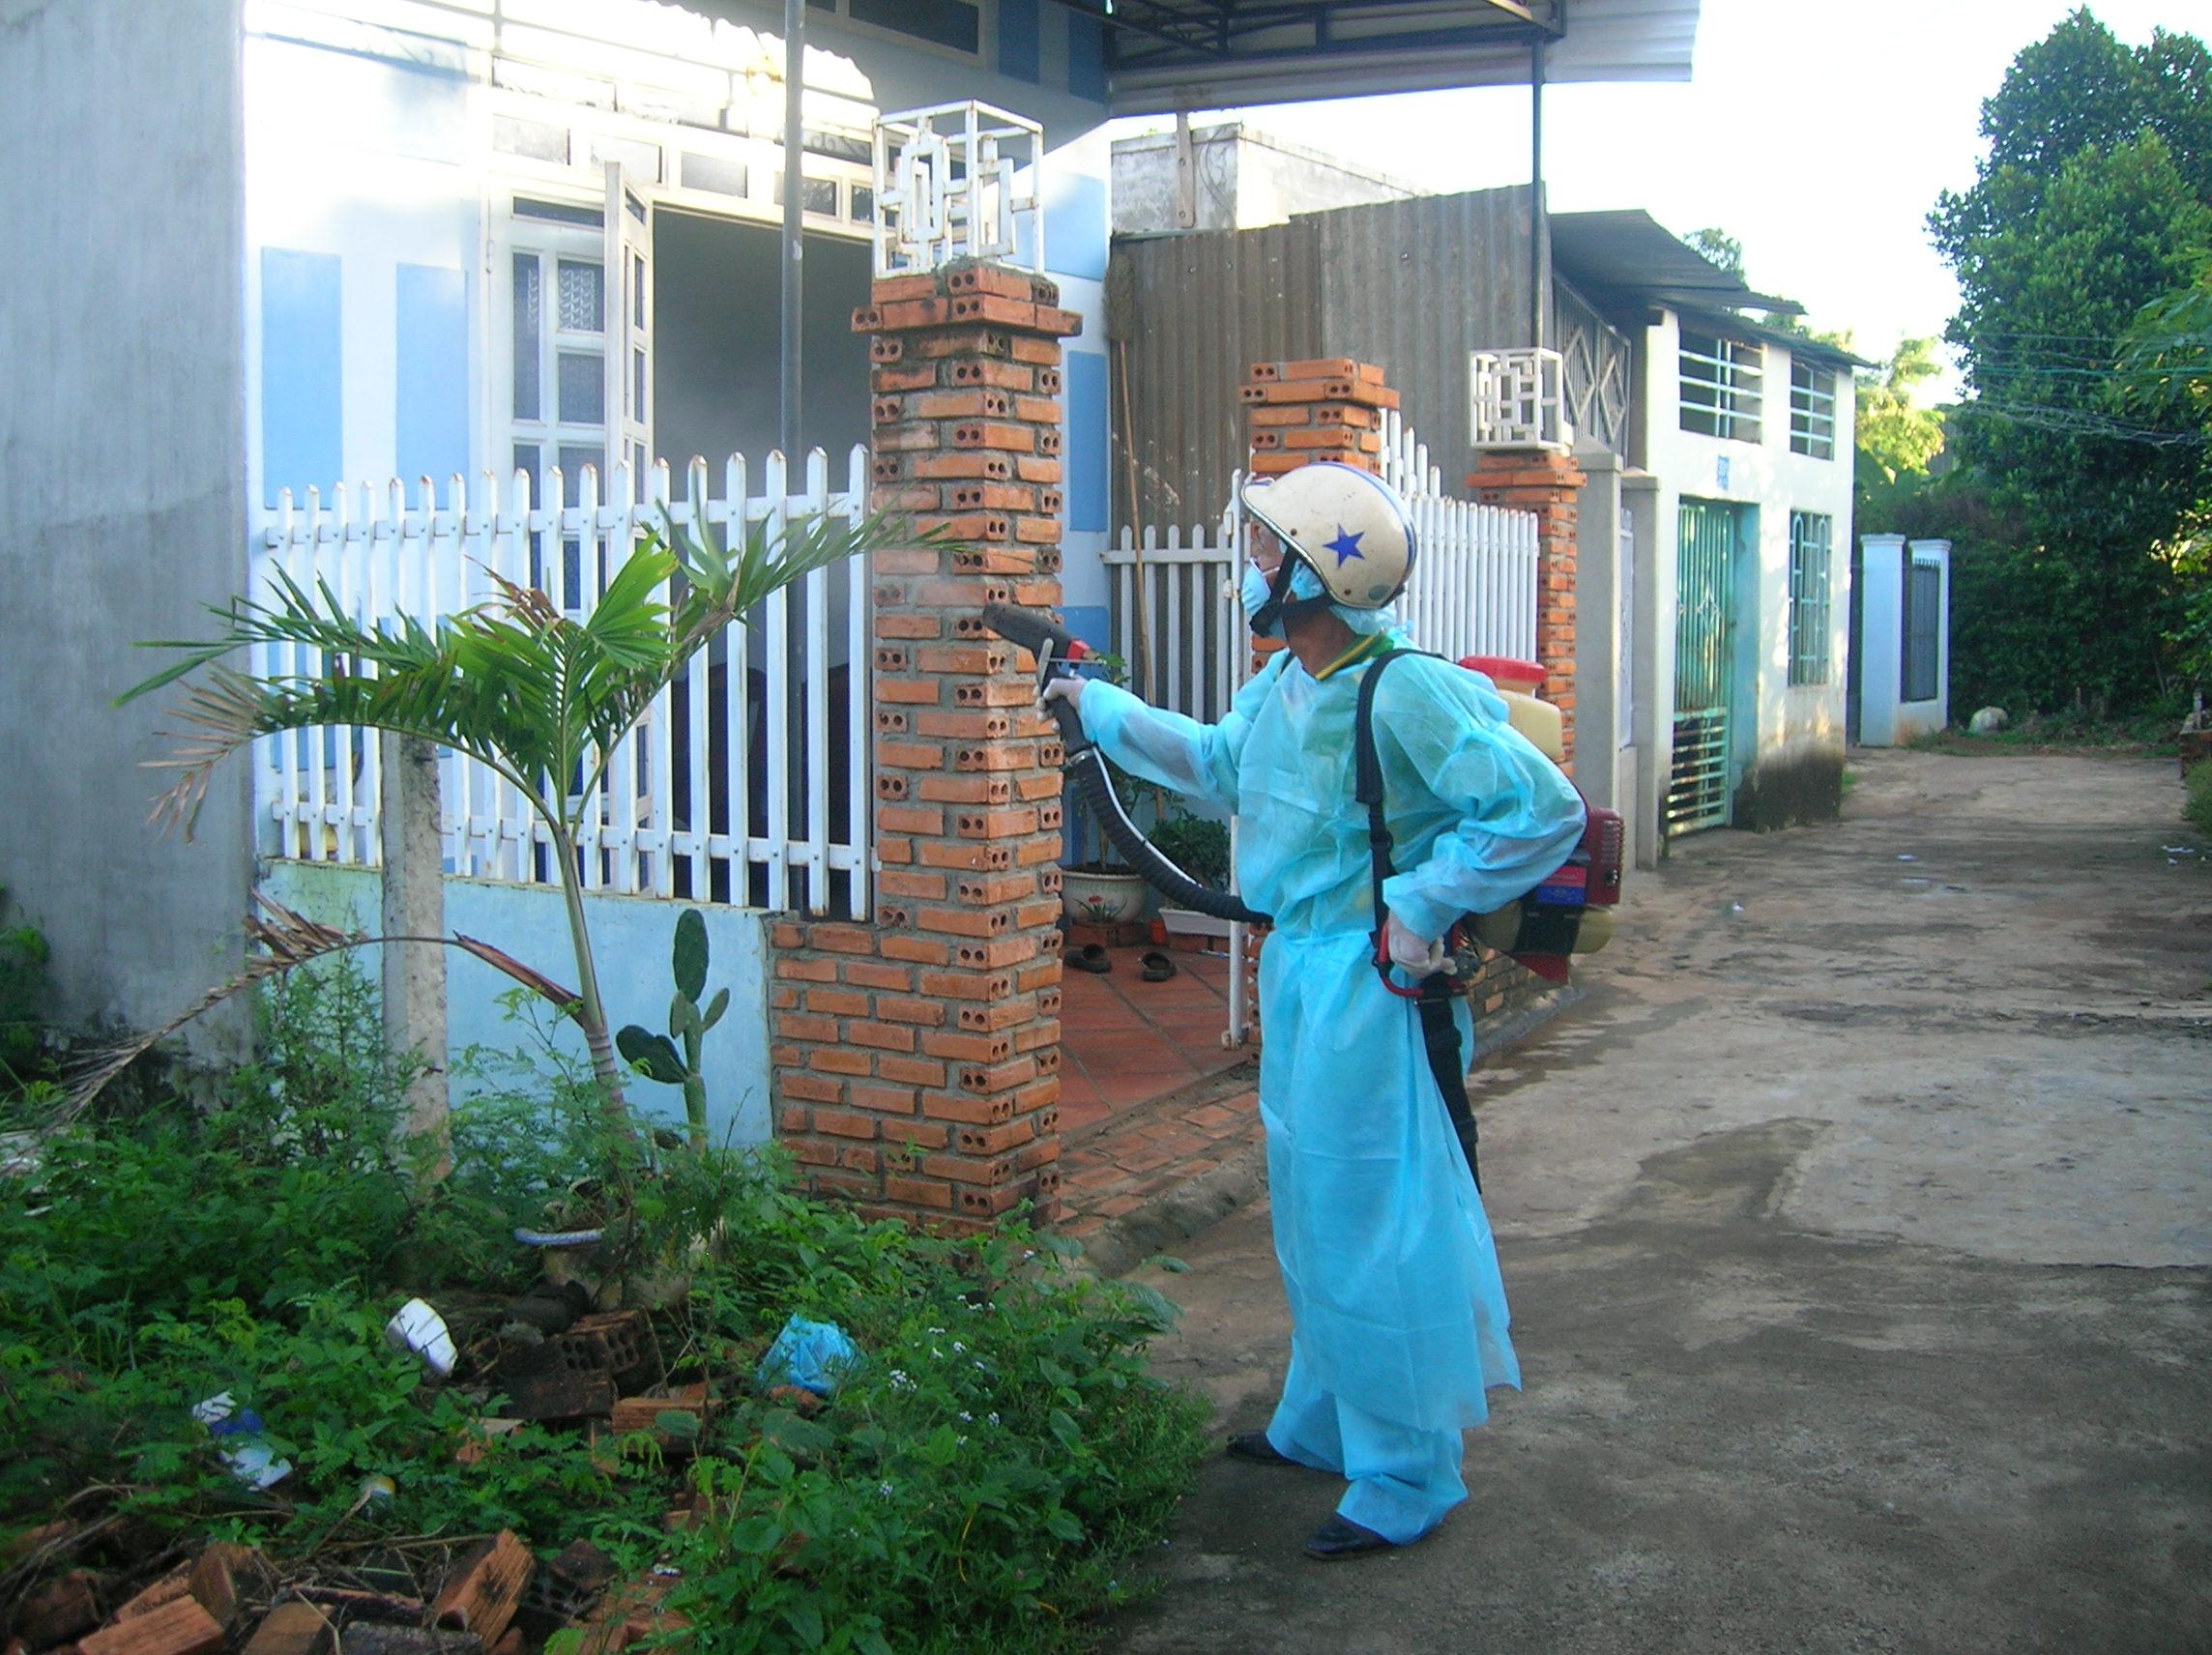 Hà Nội nguy cơ xuất hiện dịch sốt xuất huyết, ghi nhận 137 trường hợp mắc bệnh 1